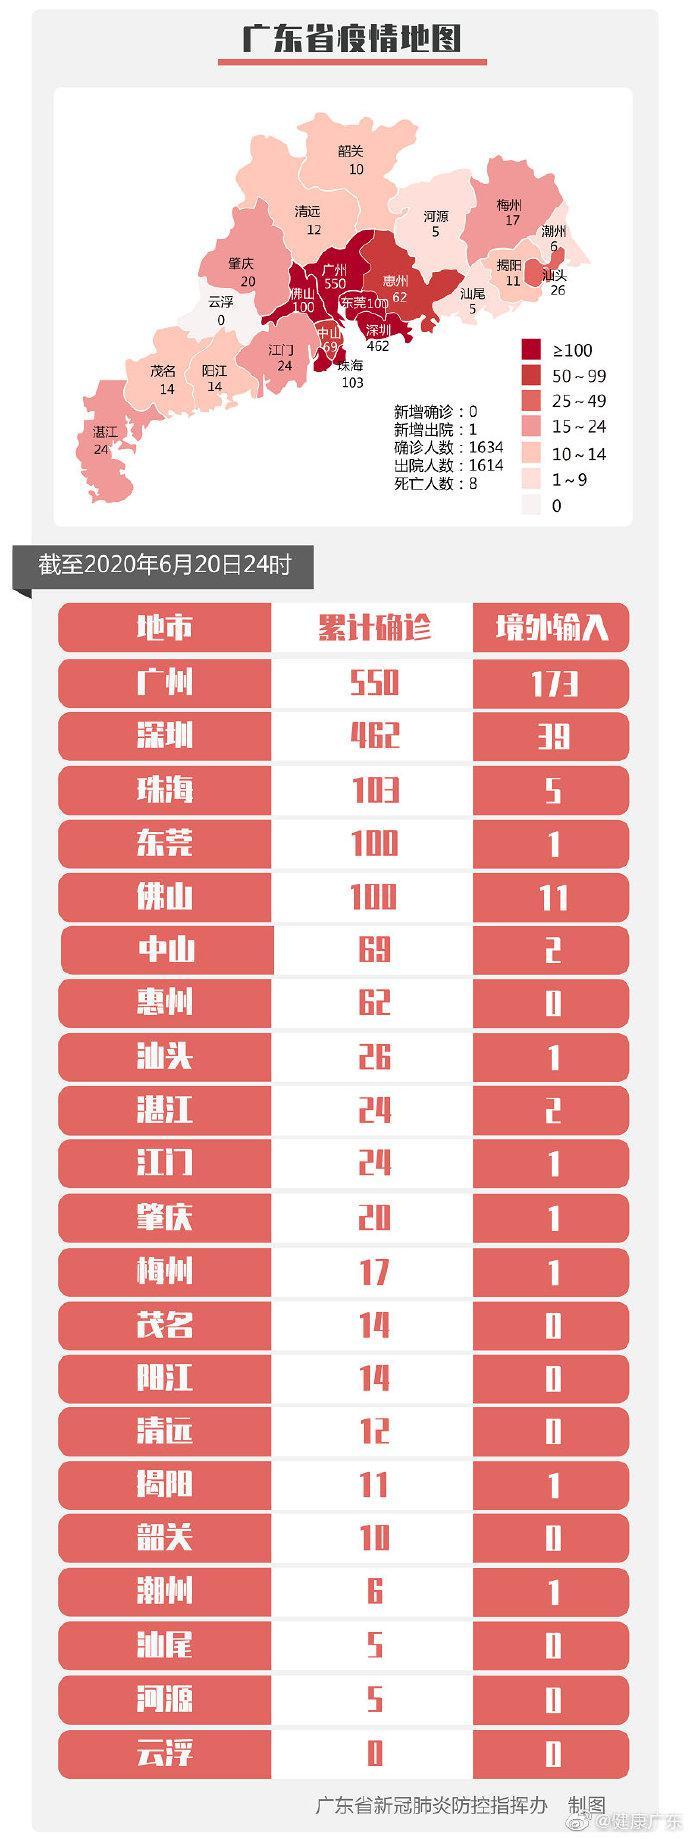 [摩天注册]2摩天注册0日广东全省无新增图片